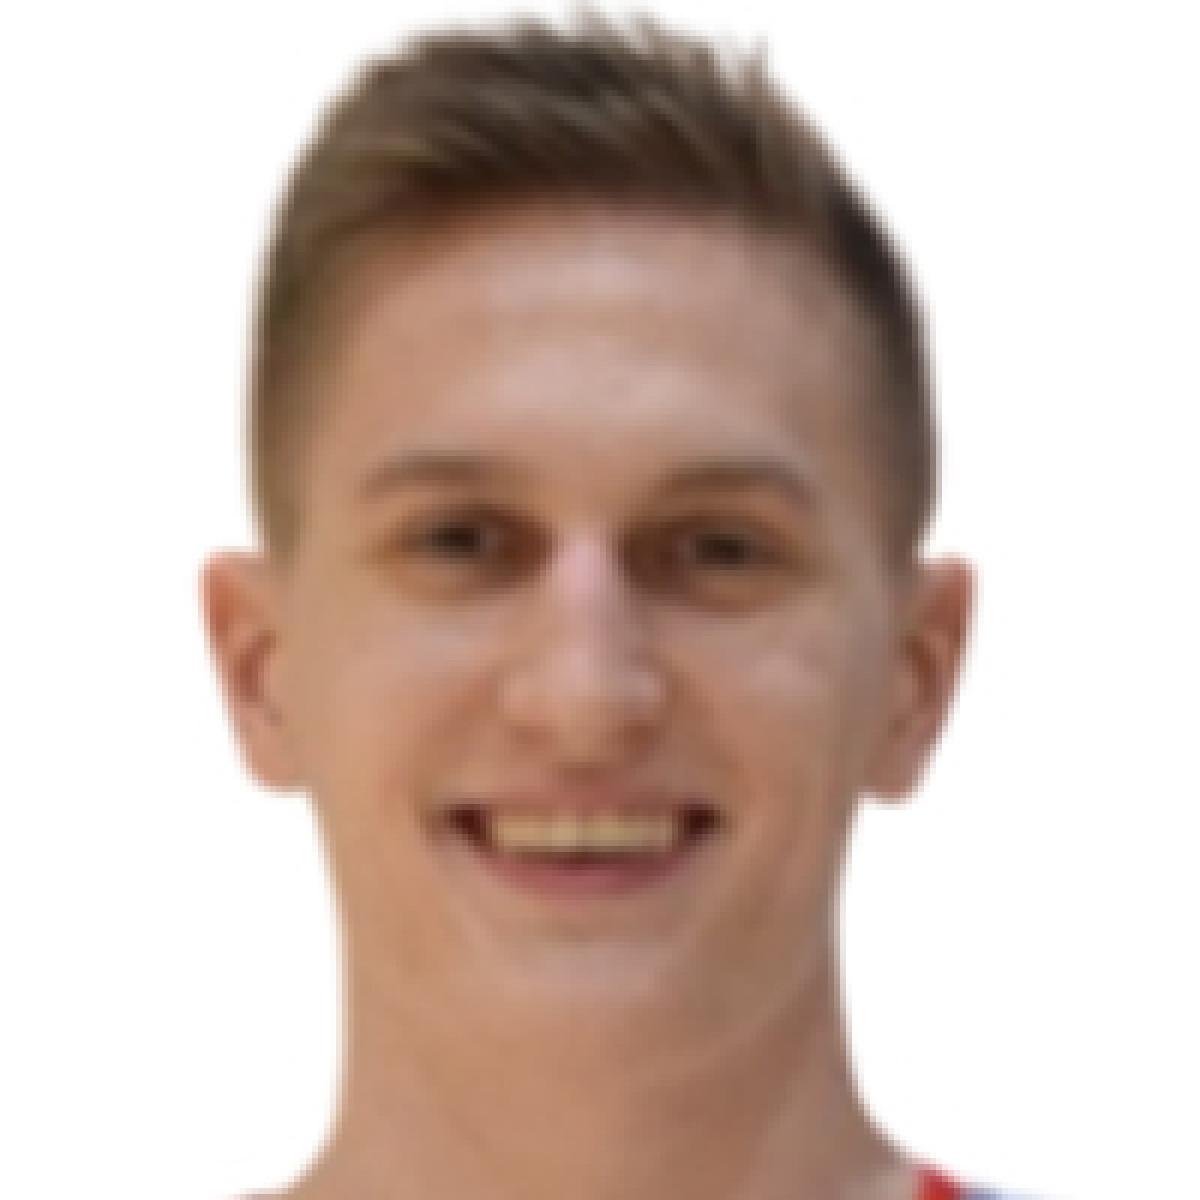 Michal Jedrzejewski